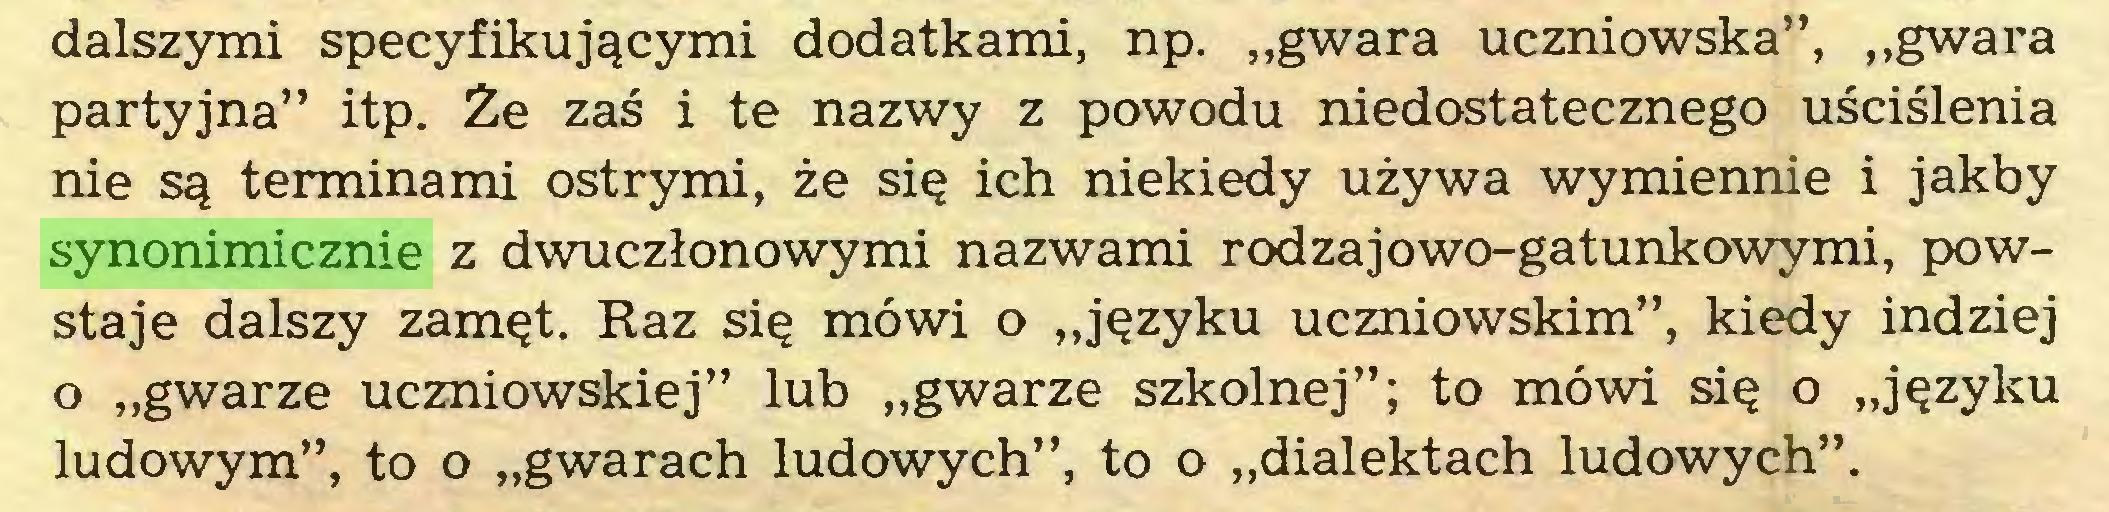 """(...) dalszymi specyfikującymi dodatkami, np. """"gwara uczniowska"""", """"gwara partyjna"""" itp. Że zaś i te nazwy z powodu niedostatecznego uściślenia nie są terminami ostrymi, że się ich niekiedy używa wymiennie i jakby synonimicznie z dwuczłonowymi nazwami rodzajowo-gatunkowymi, powstaje dalszy zamęt. Raz się mówi o """"języku uczniowskim"""", kiedy indziej o """"gwarze uczniowskiej"""" lub """"gwarze szkolnej""""; to mówi się o """"języku ludowym"""", to o """"gwarach ludowych"""", to o """"dialektach ludowych""""..."""